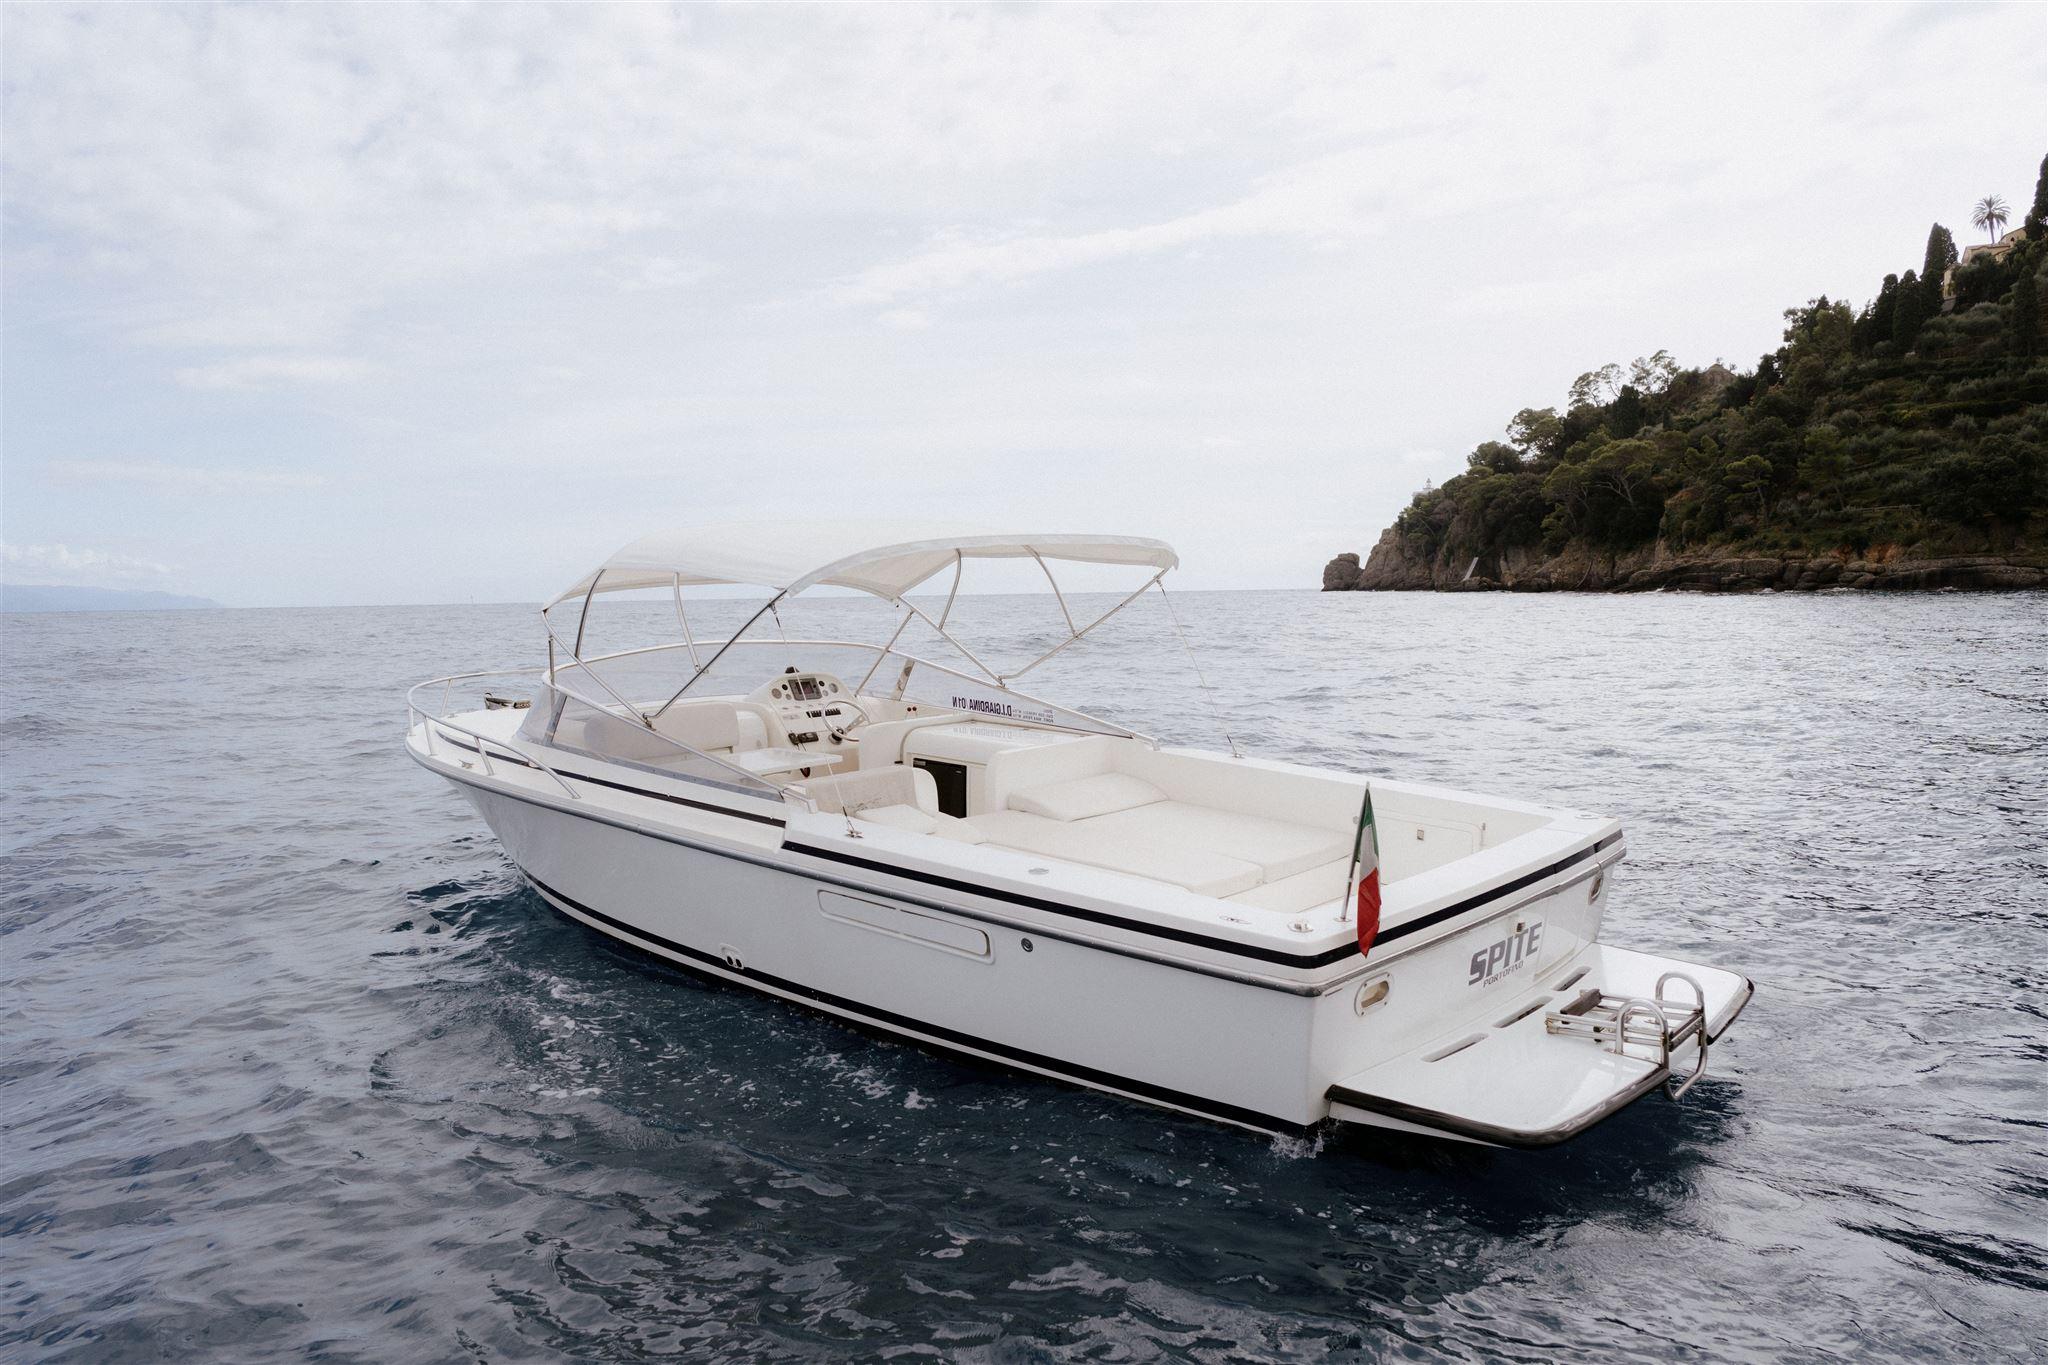 Cesare Charter Portofino - imbarcazioni per tour, charter e transfer marittimi